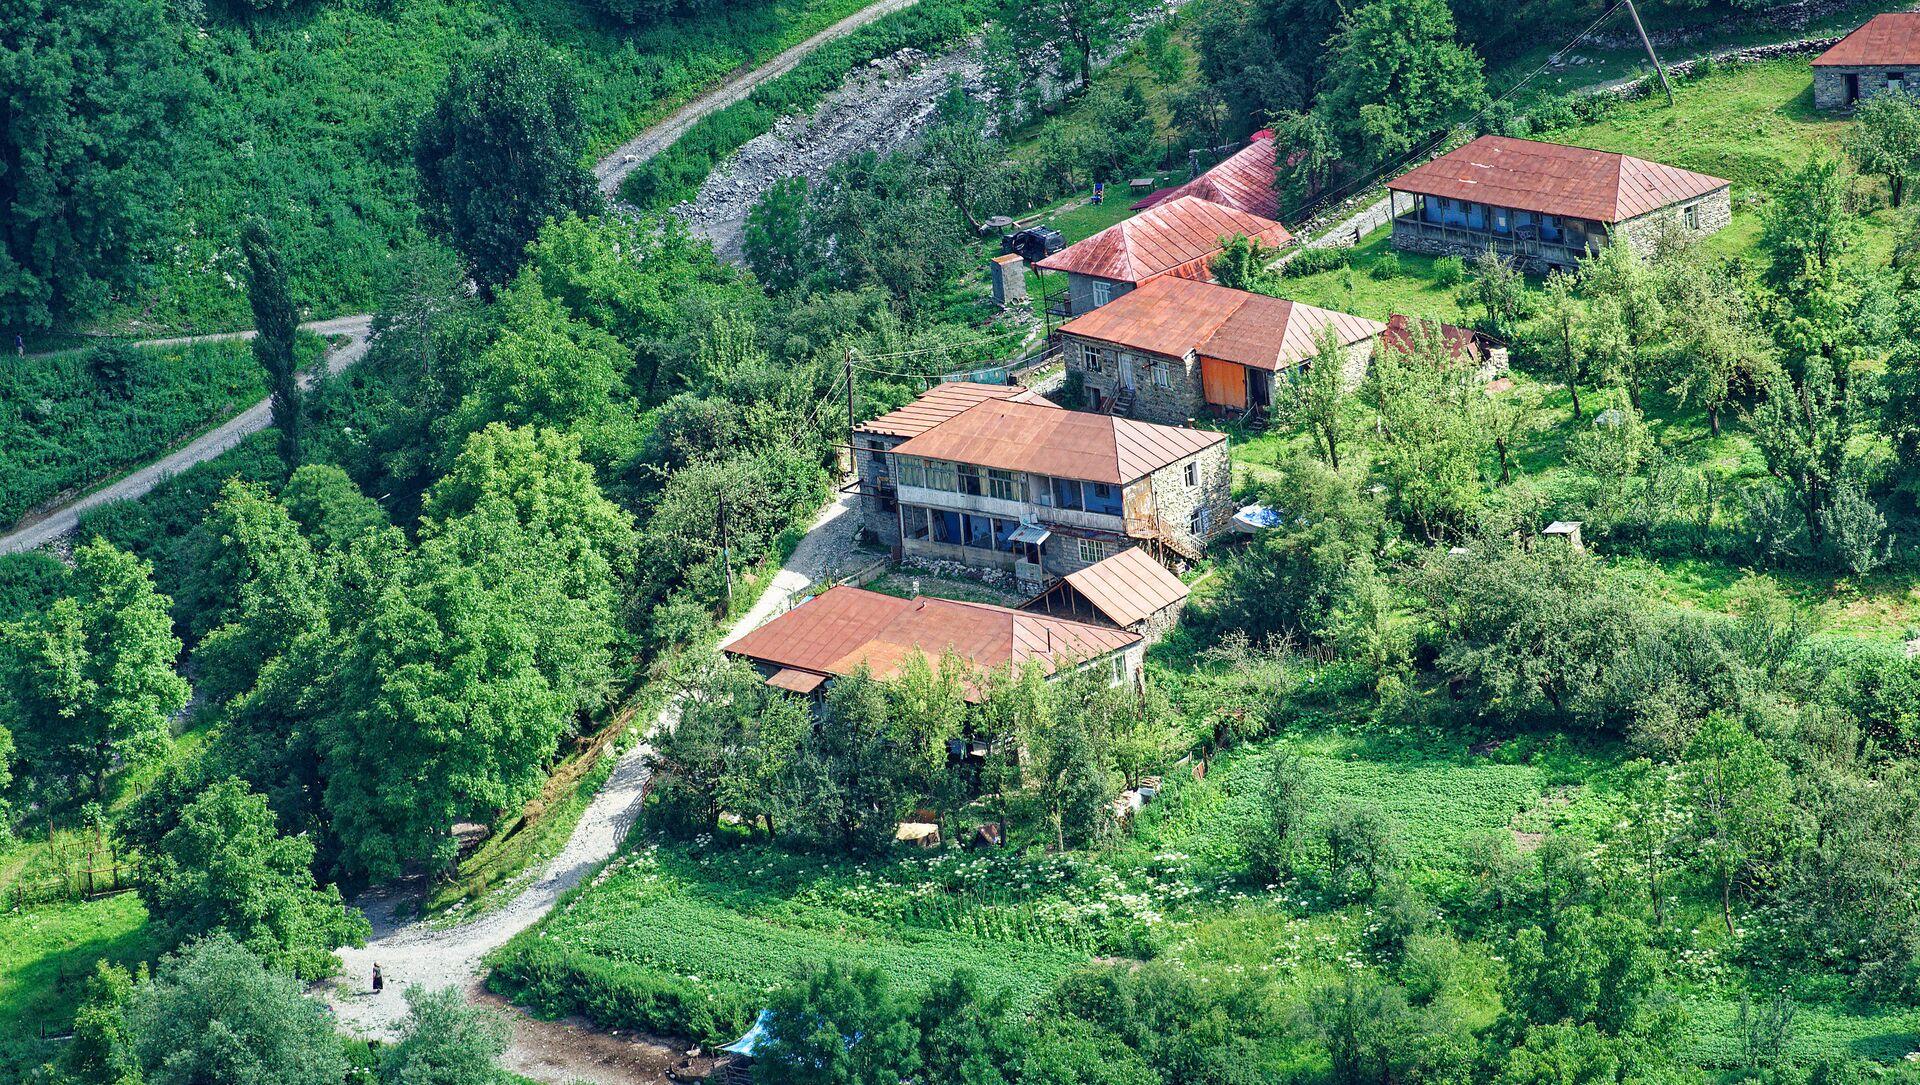 Горное село - частные дома местных жителей в Казбегском муниципалитете - Sputnik Грузия, 1920, 28.07.2021